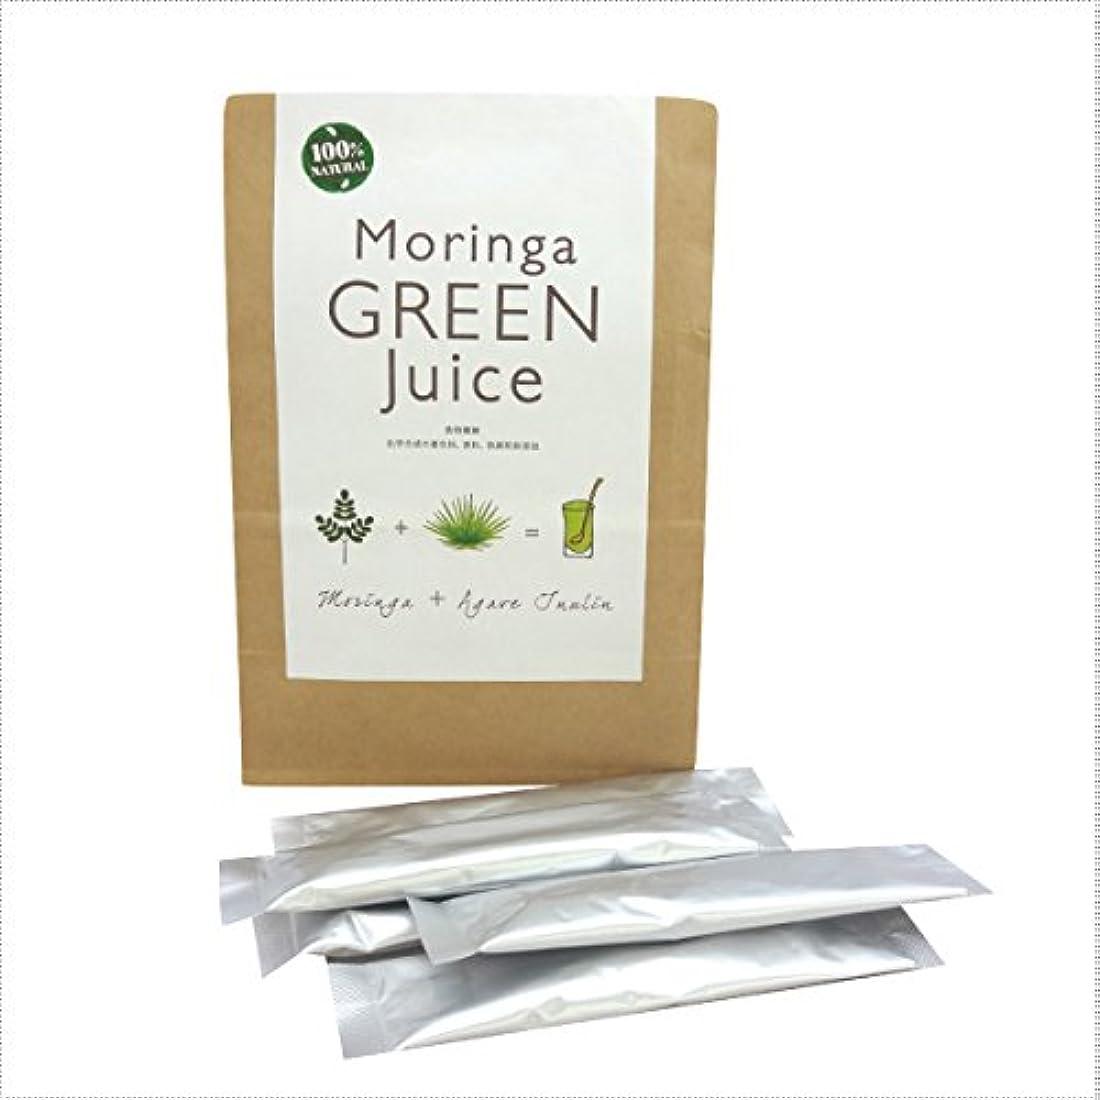 歯痛天文学バインドモリンガグリーンジュース粉末(3g×30包) モリンガ美容青汁 有機アガベイヌリン(水溶性食物繊維)配合